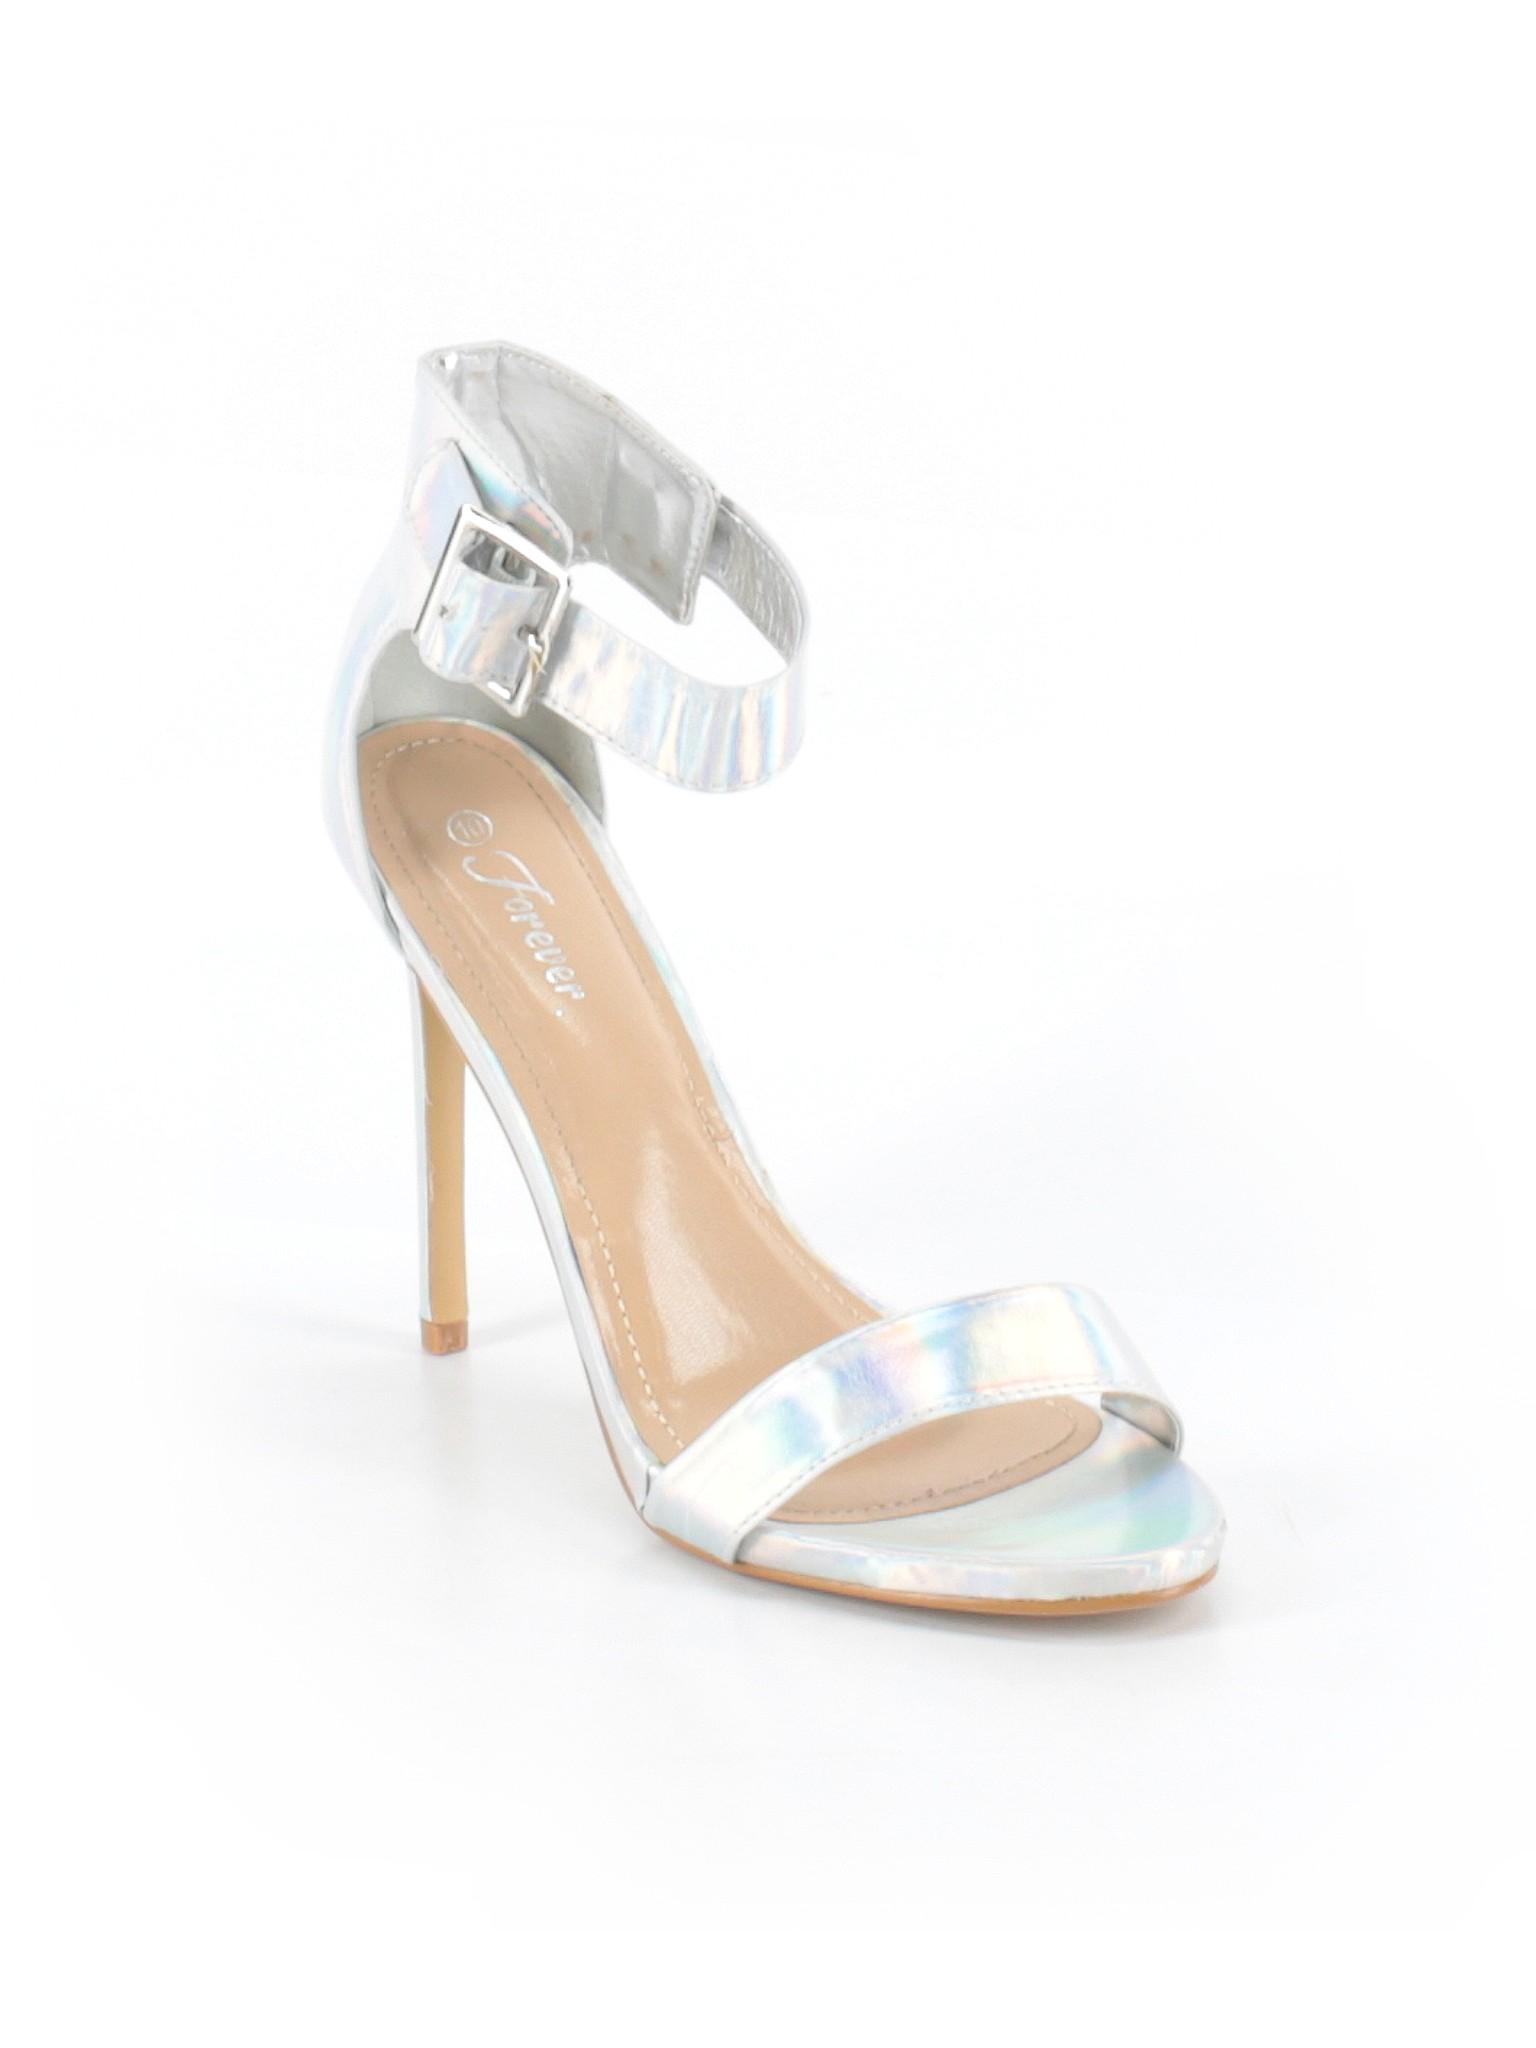 promotion Forever Boutique promotion Heels Forever Heels Boutique Forever Boutique Heels promotion Boutique 5xq0Ut8X